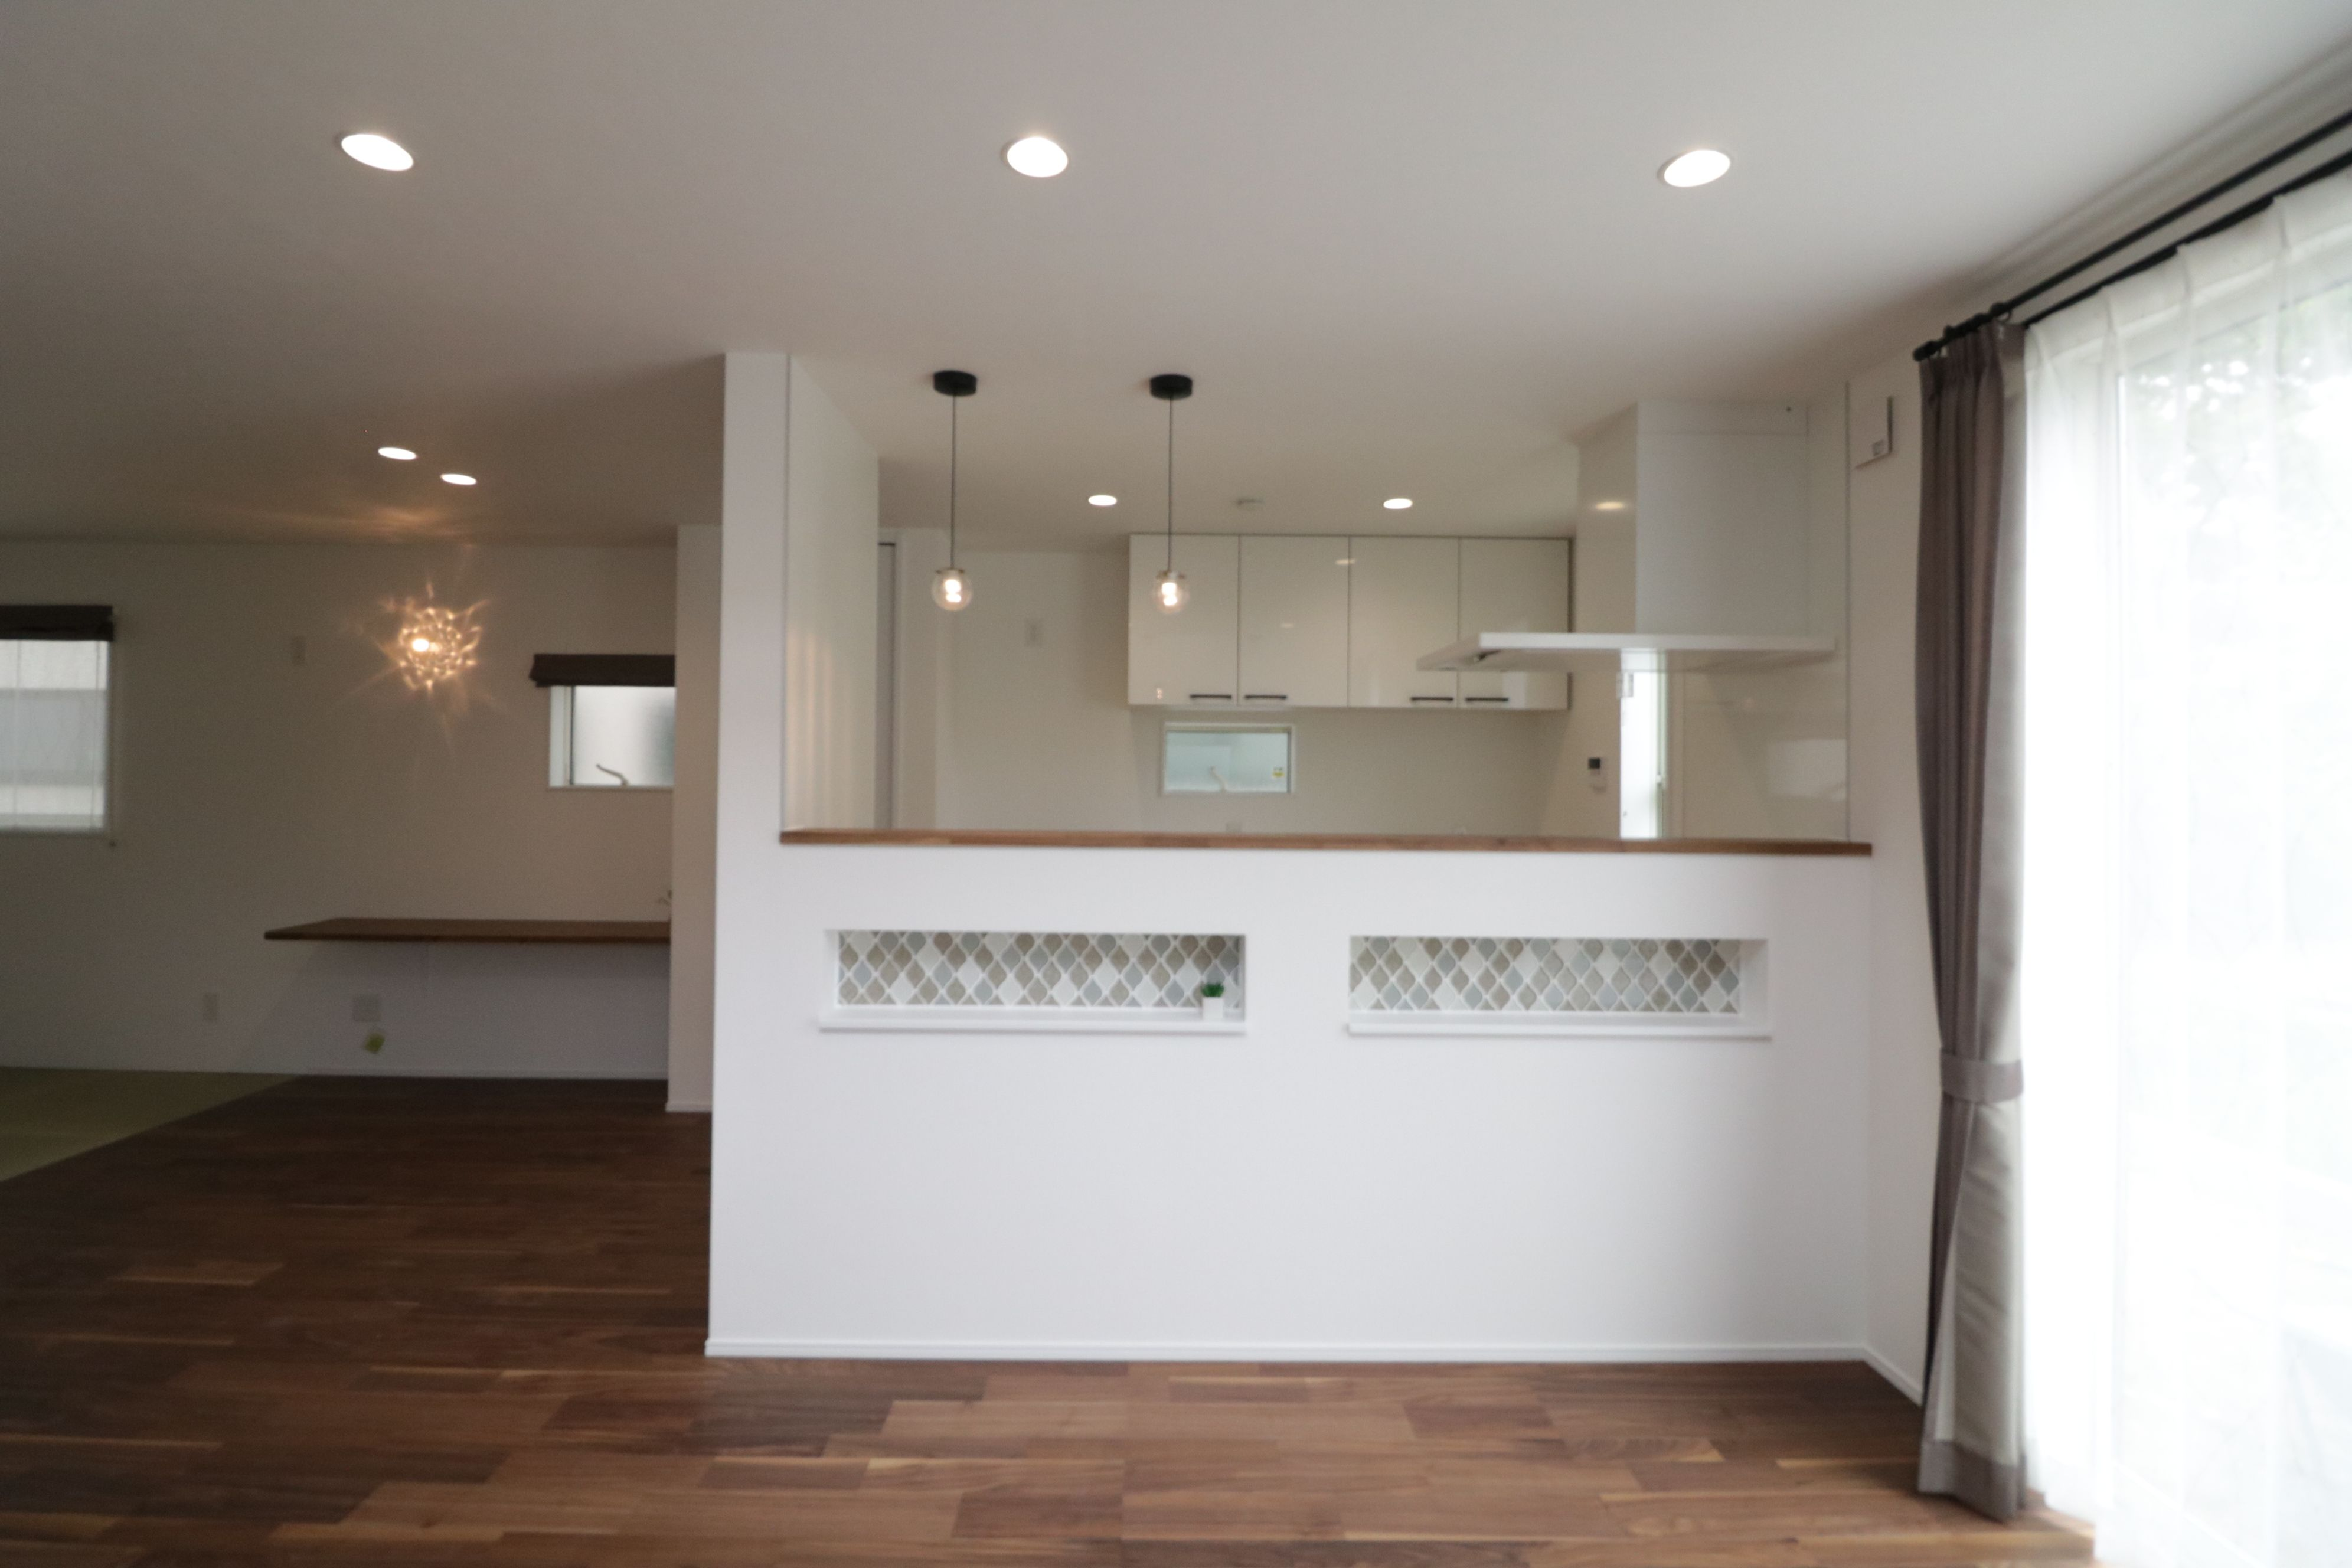 キッチン前の腰壁にはニッチを作り 可愛いタイルを貼りました 空間